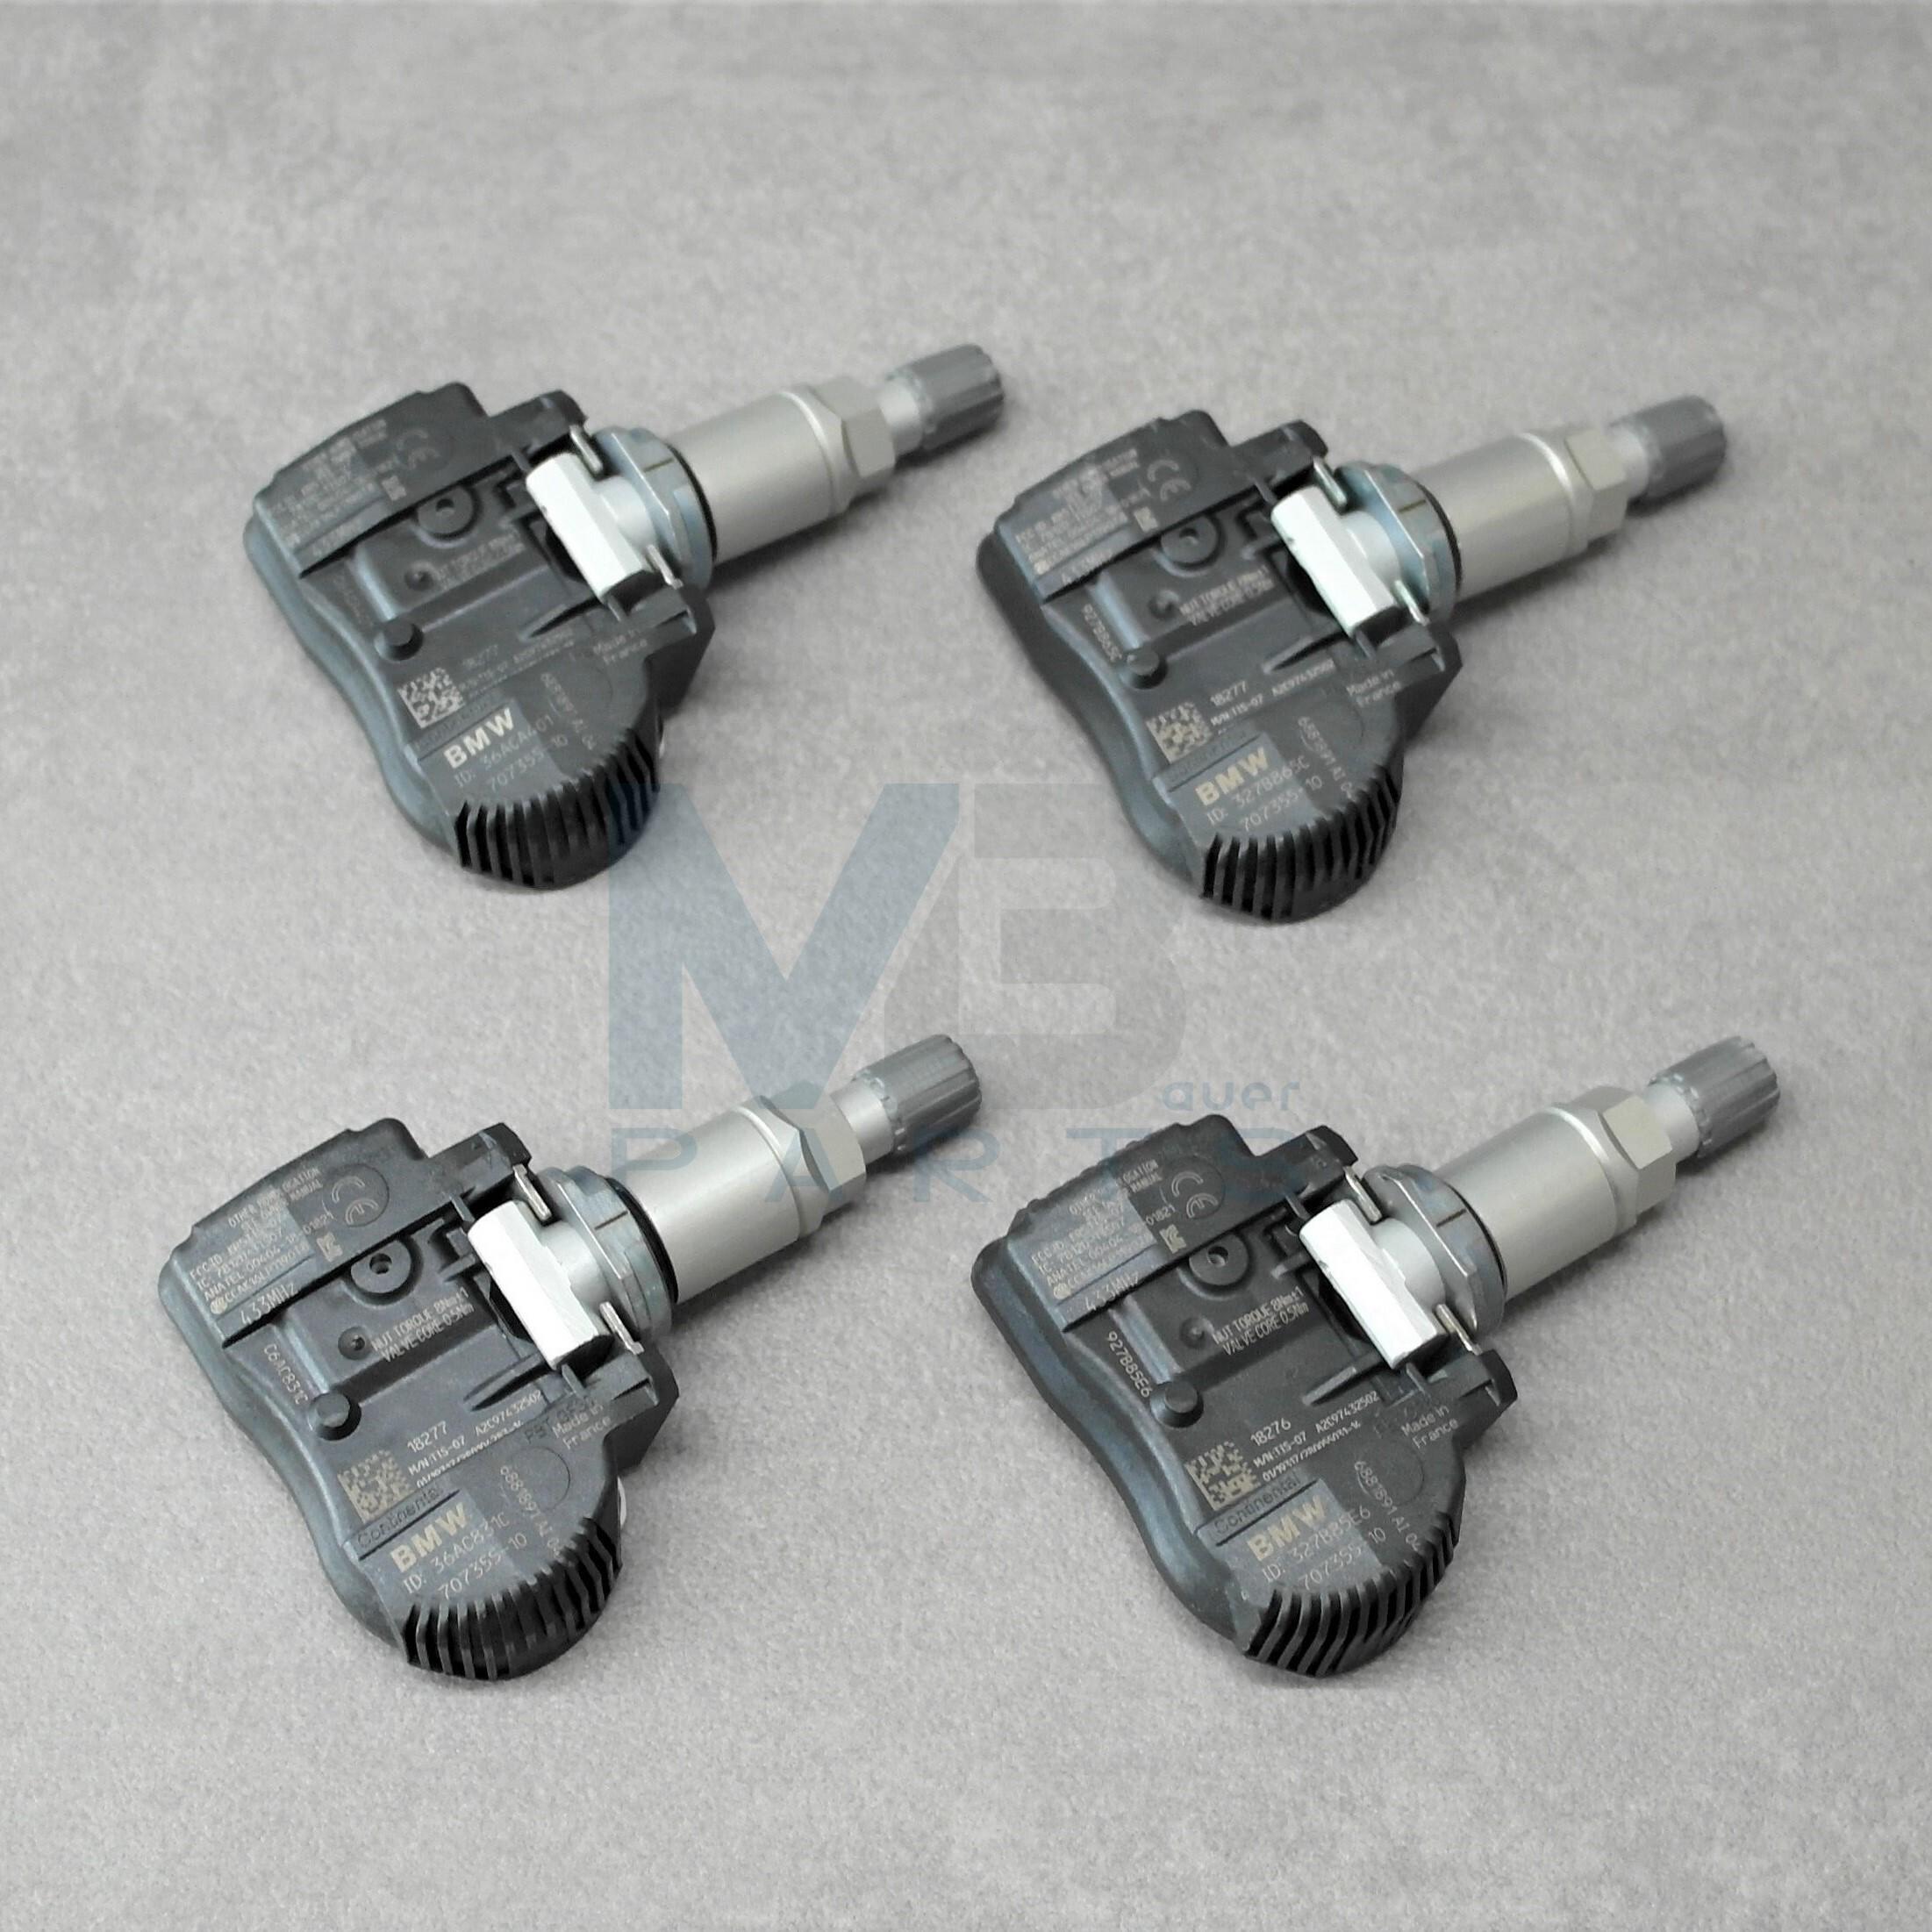 4 St/ück RDKS // TPMS Sensor-Satz Typ F48 von 08-2015 bis 12-2017 f/ür BMW X1 Reifendruckkontrolle replacement zur OE-Referenz 36106856209